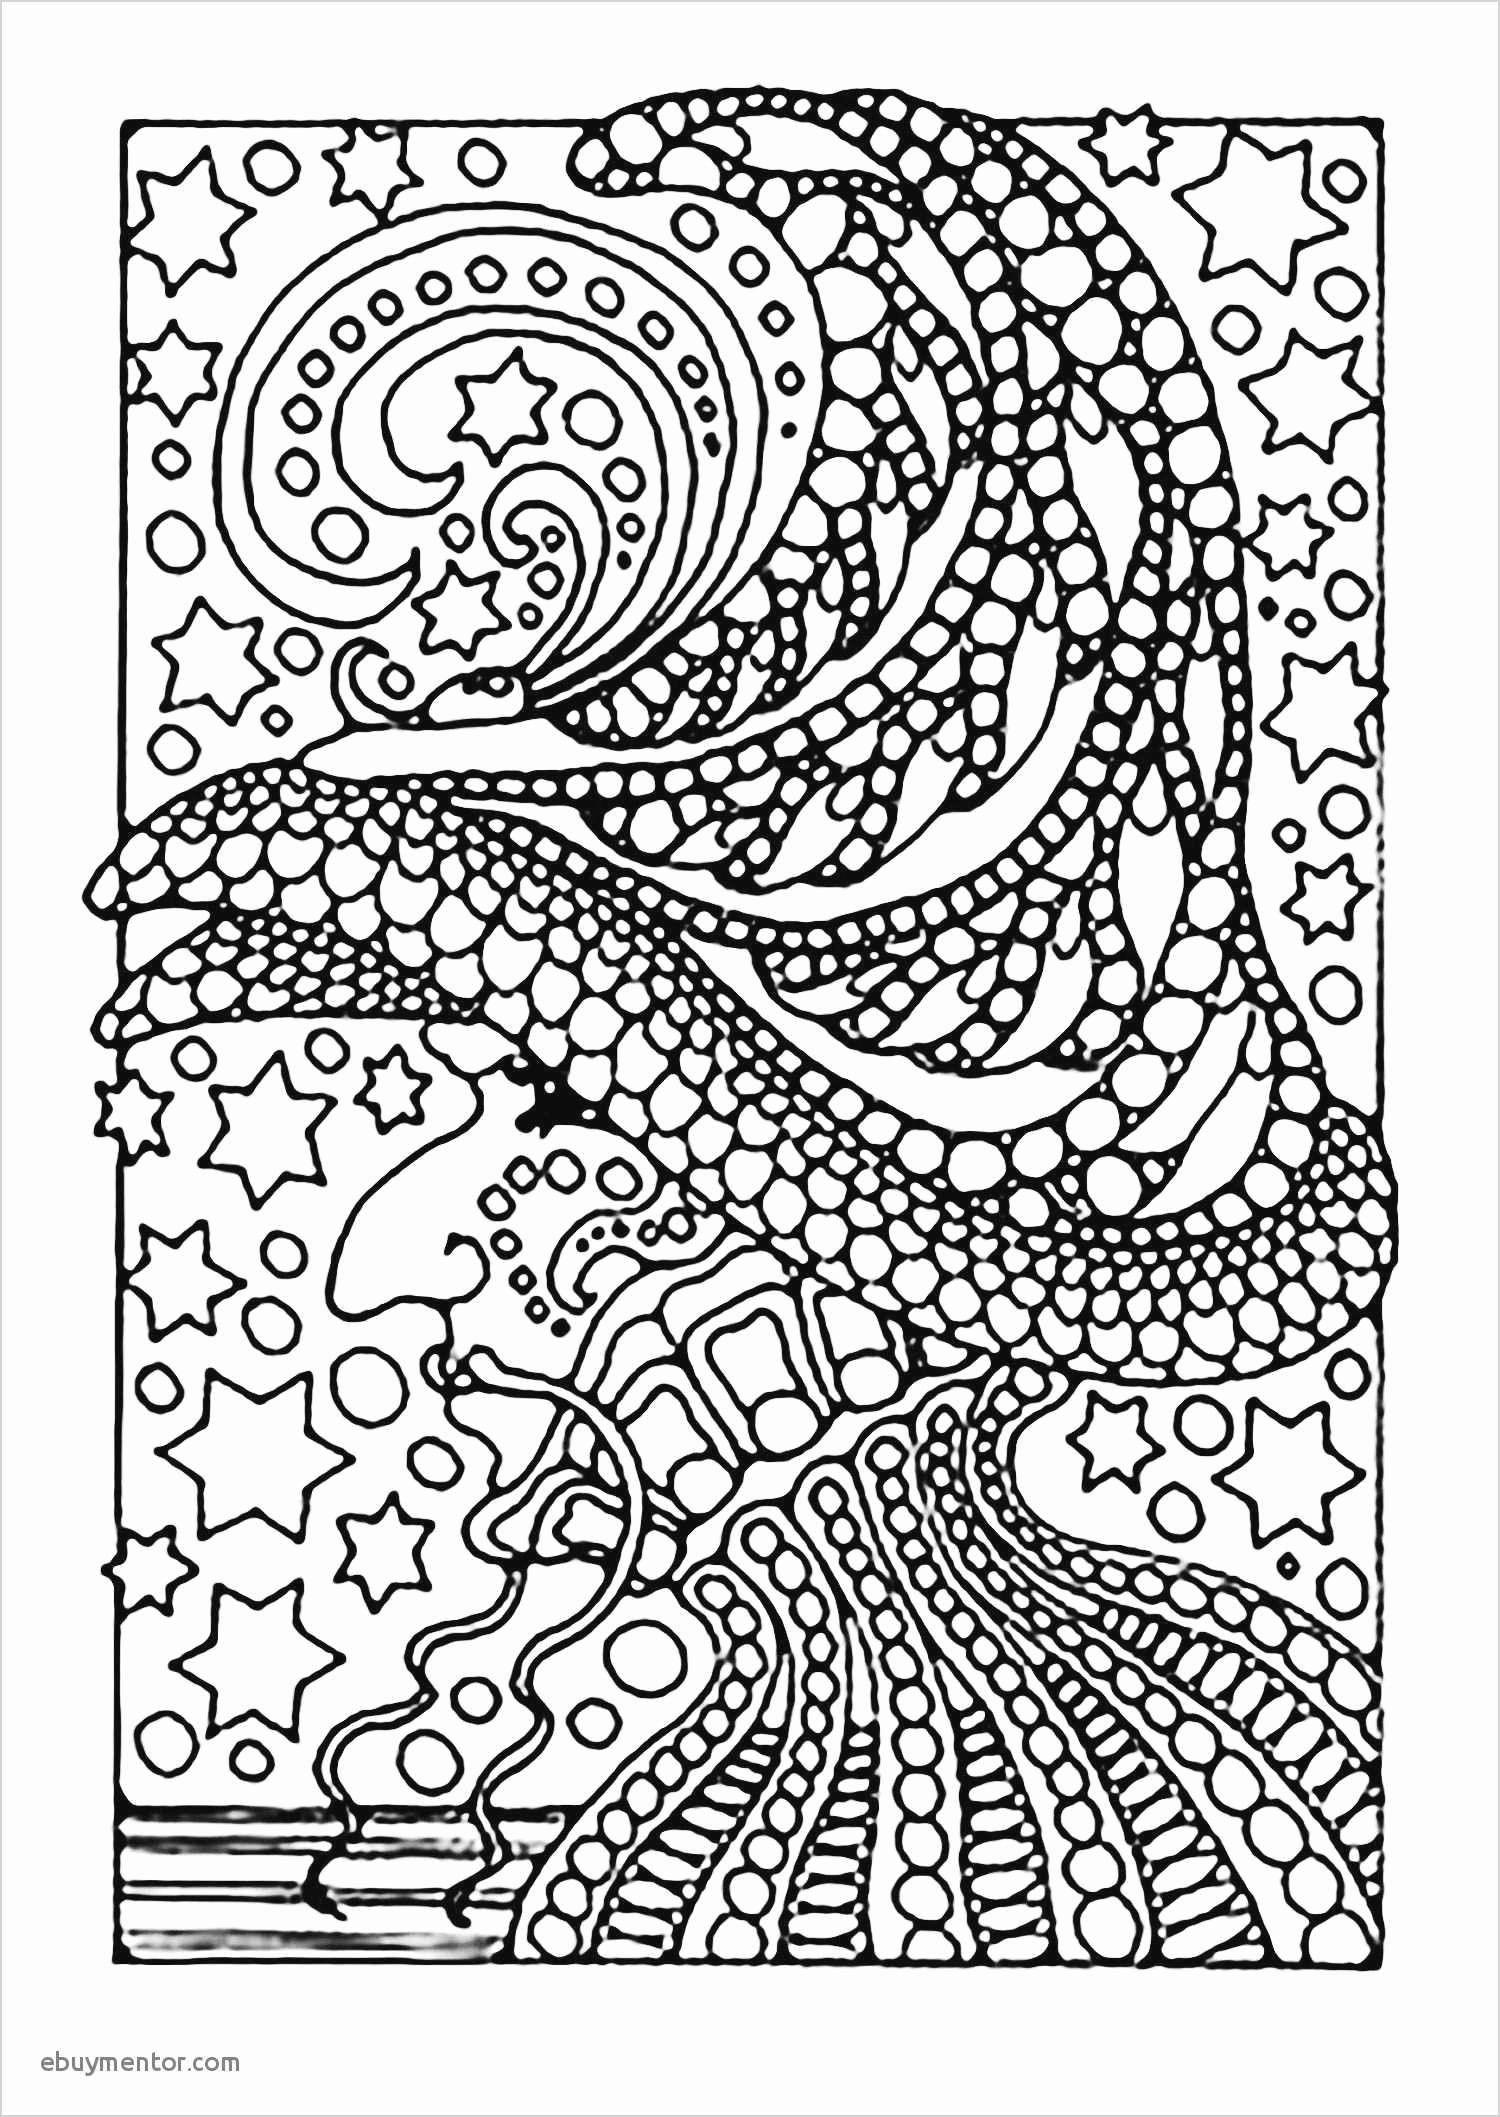 Coloring Picture Of A Tree Awesome Elegant Tree Ring Coloring Page Nocn Buku Mewarnai Halaman Mewarnai Bunga Halaman Mewarnai